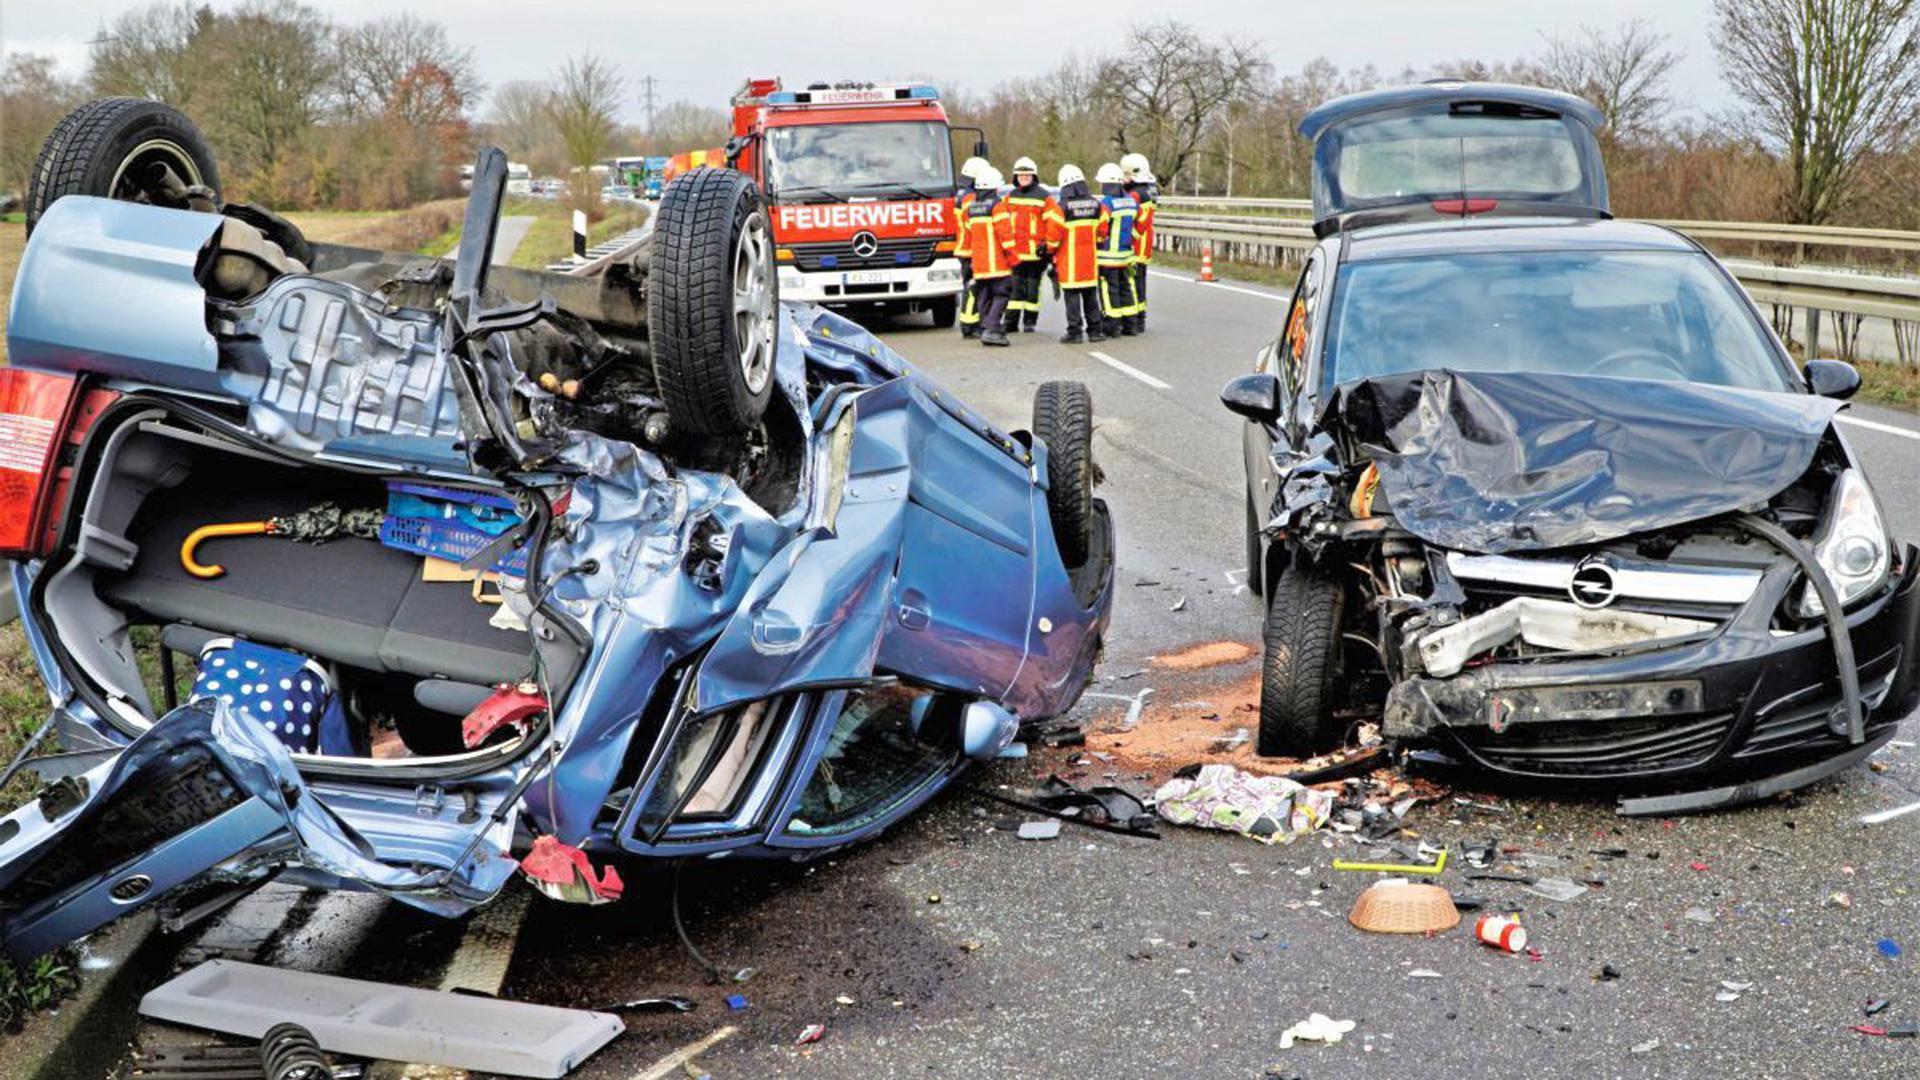 Auf der B462 bei Rauental hat es am Dienstagmittag einen Unfall mit zwei beteiligten Autos gegeben.